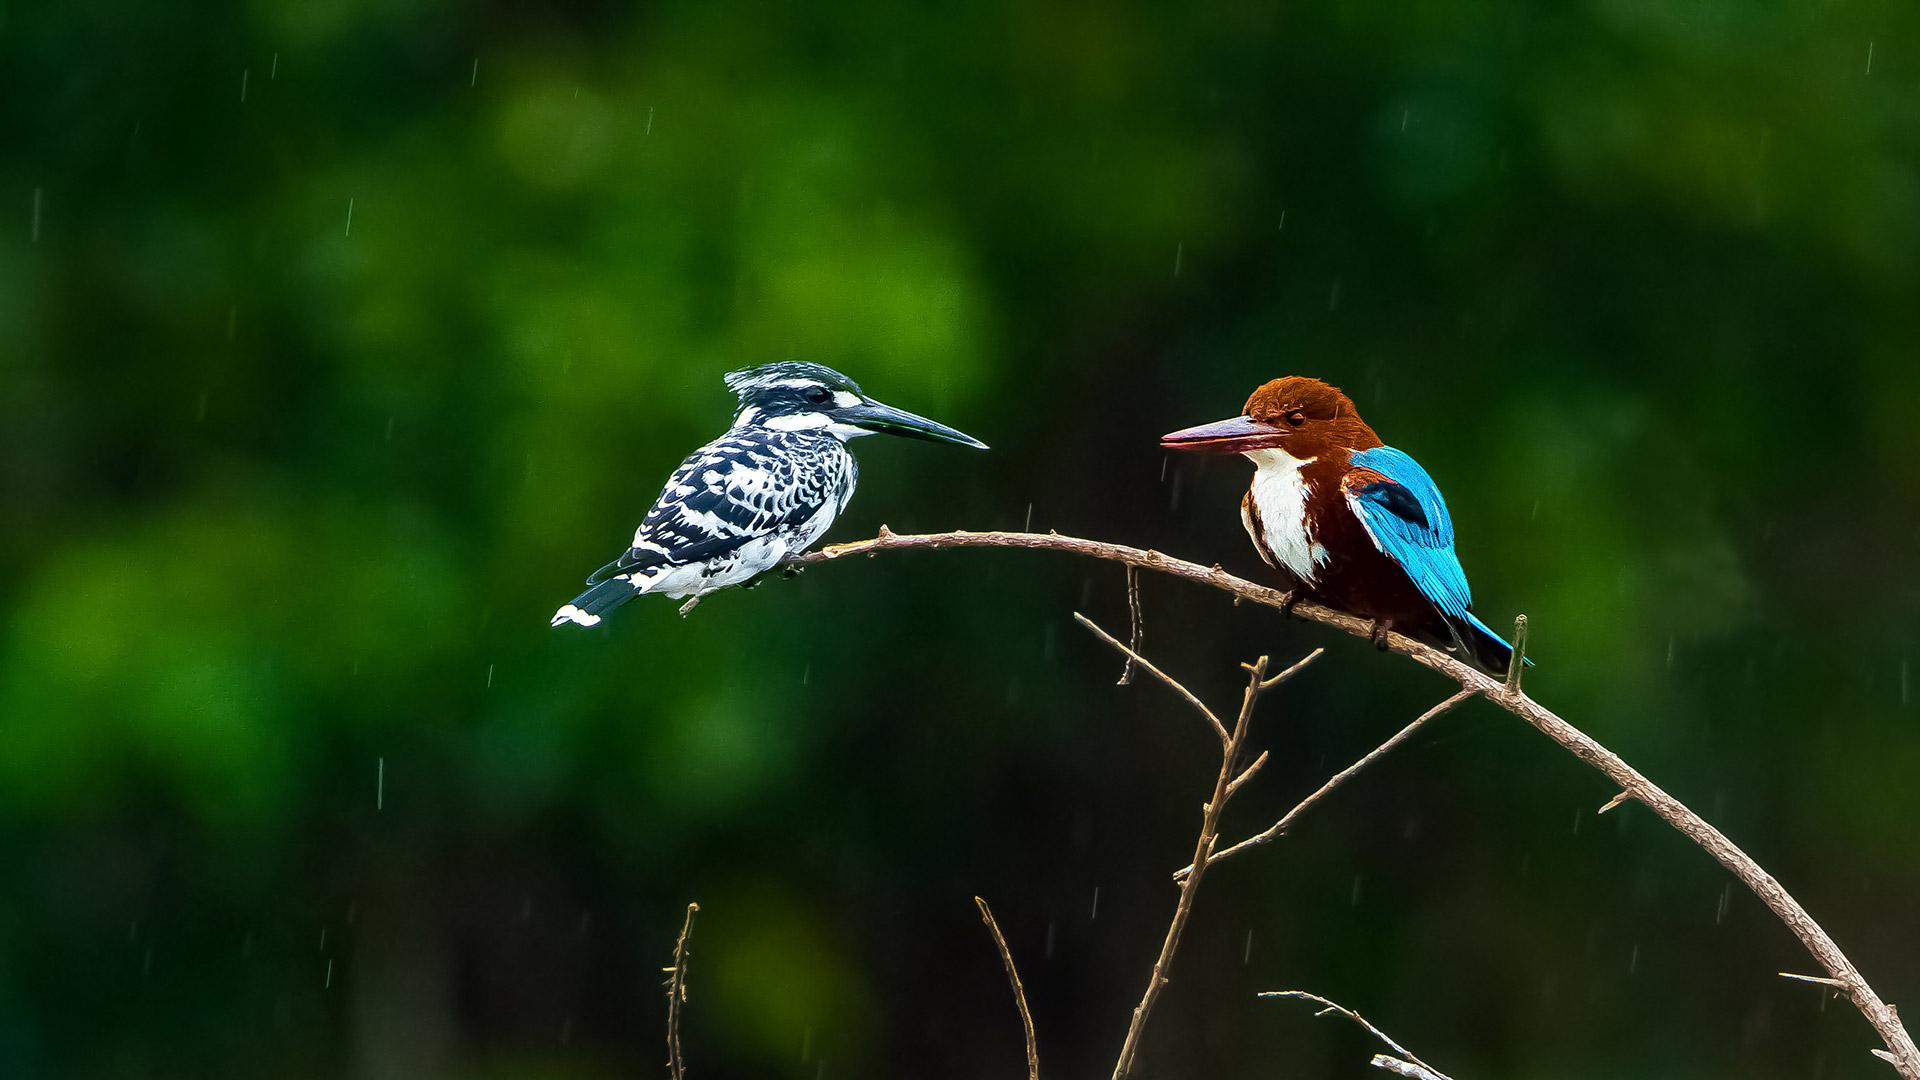 Kingfishers India